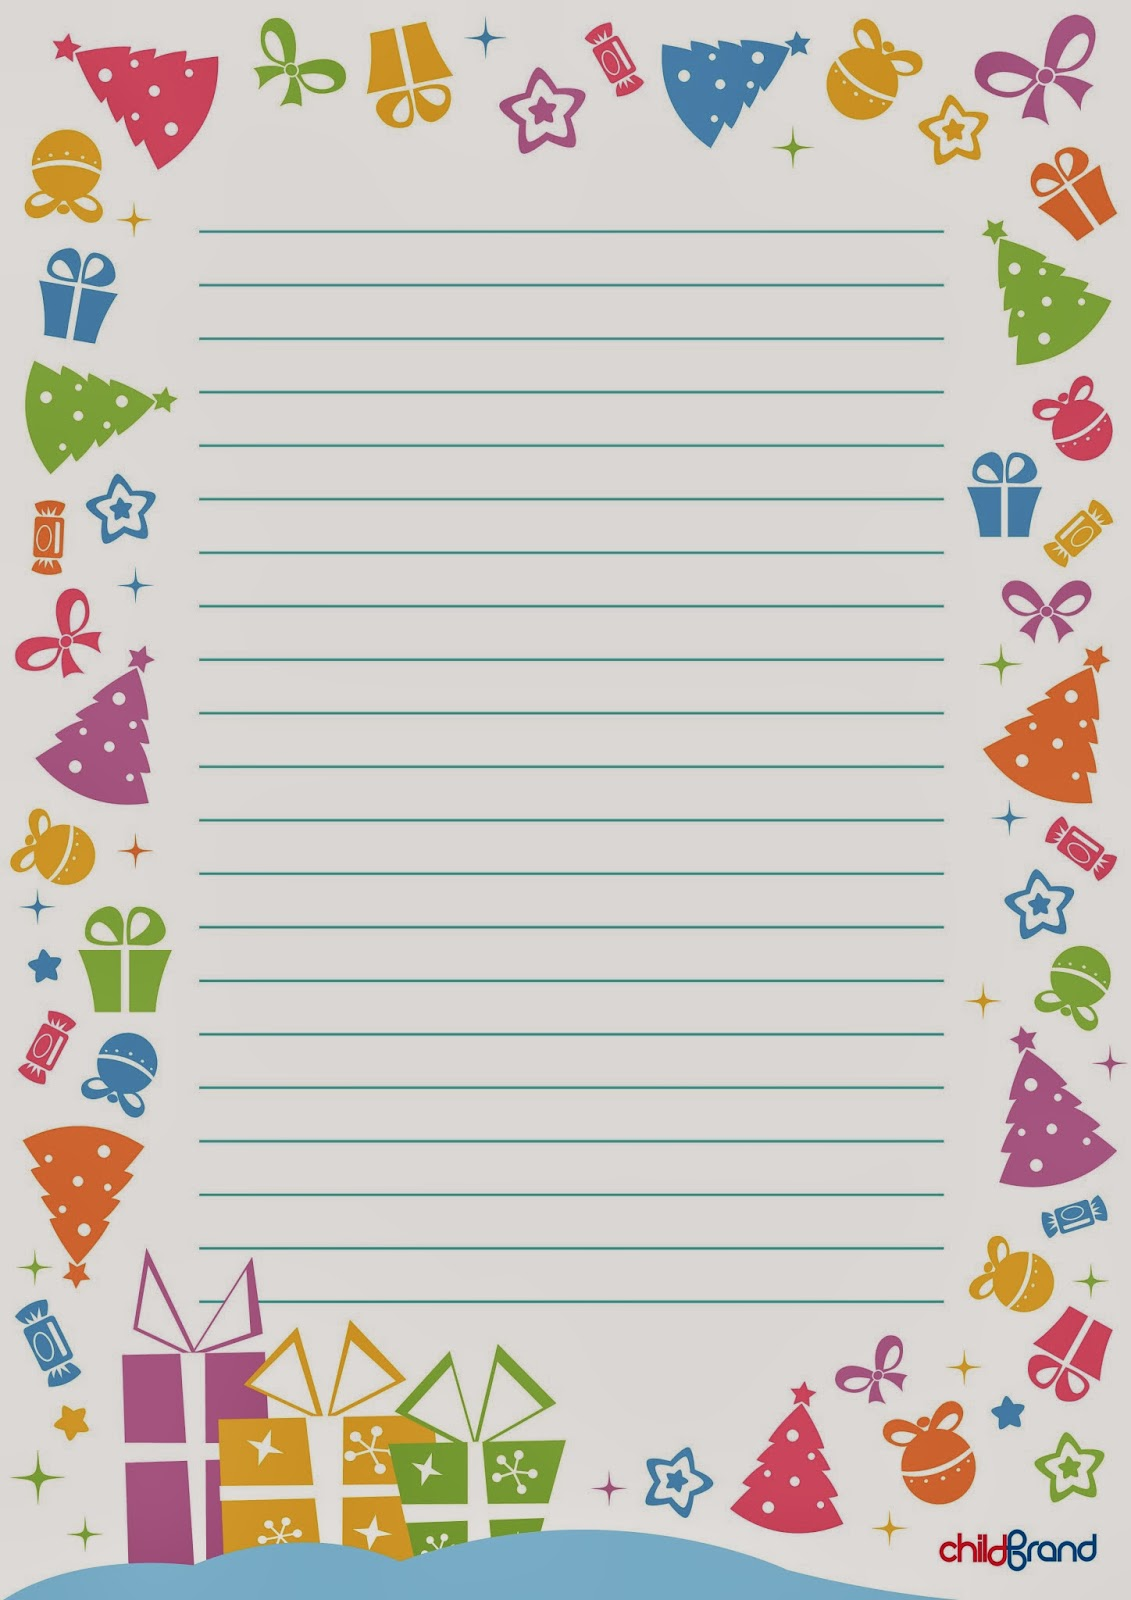 Шаблон для написания поздравлений с днем рождения